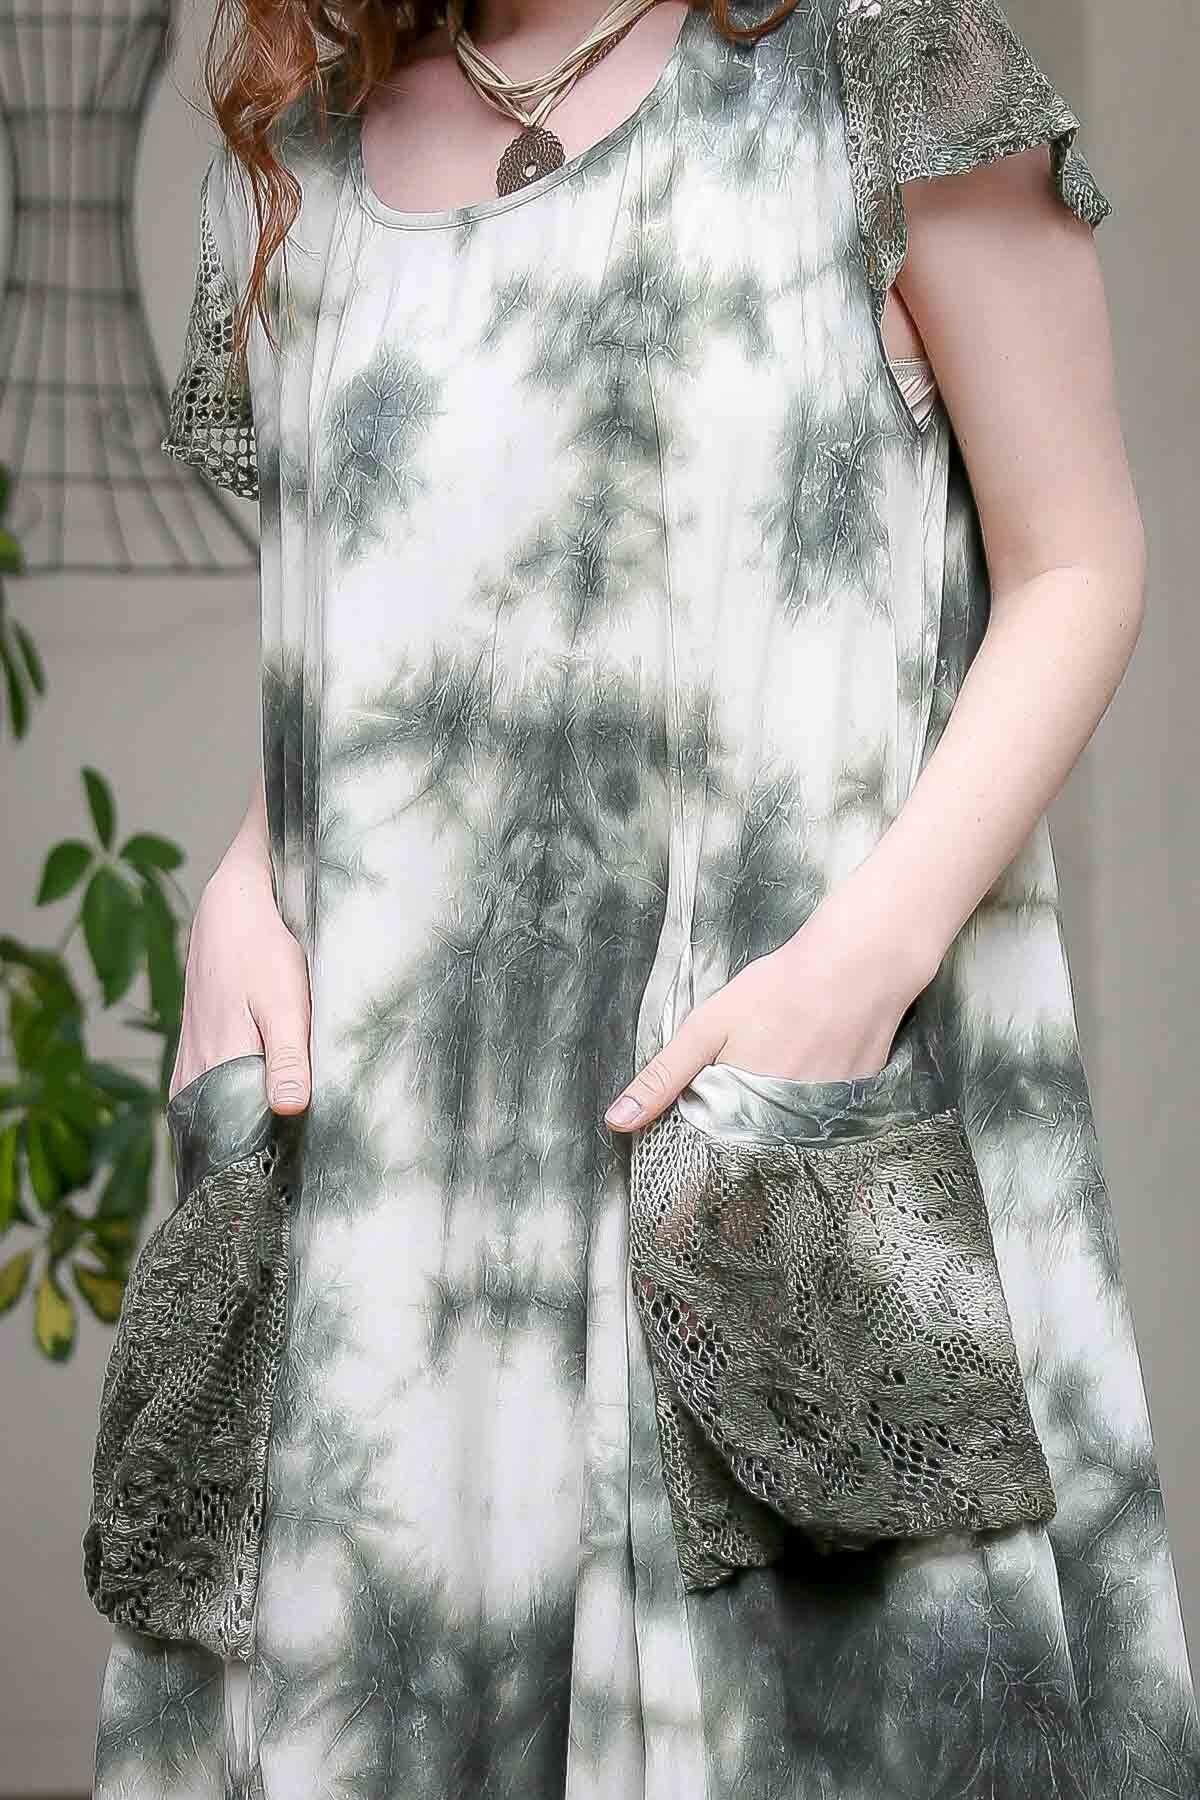 Chiccy Kadın Yeşil Desenli Dantel Kol Ve Cep Detaylı Salaş Yıkamalı Astarlı Dokuma Elbise  M10160000EL97244 3